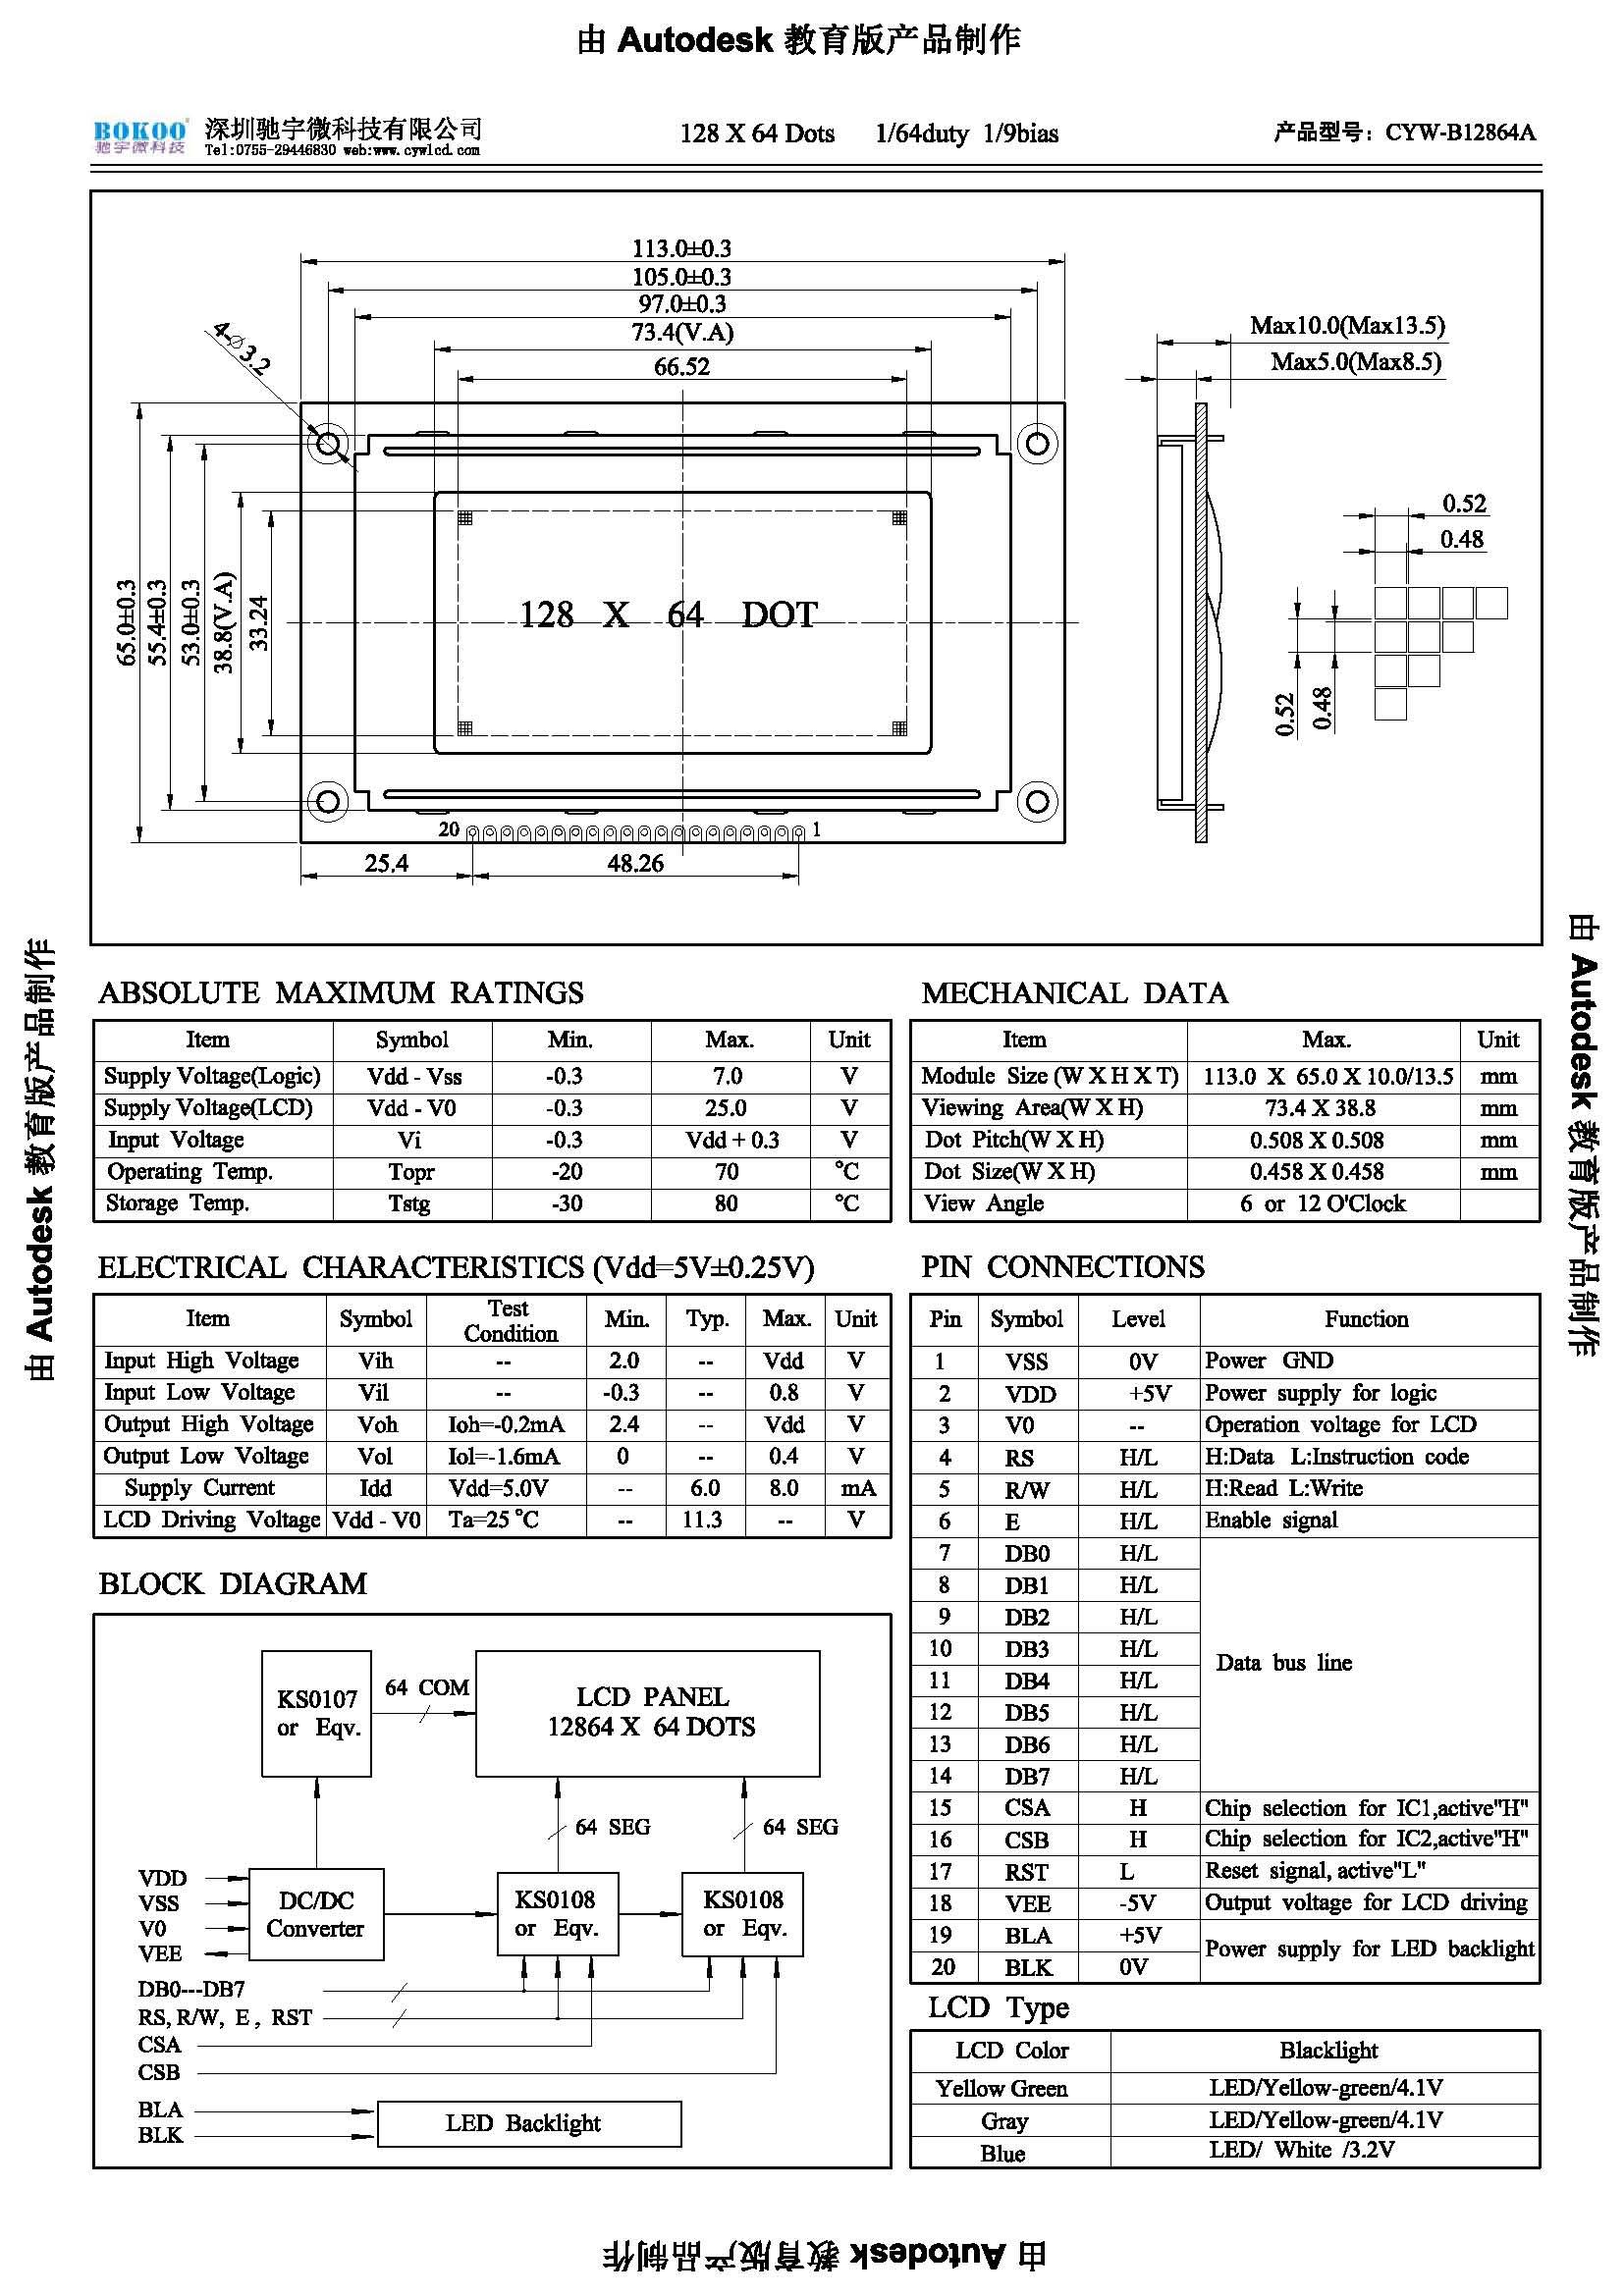 cyw-b 12864a 12864液晶显示模块